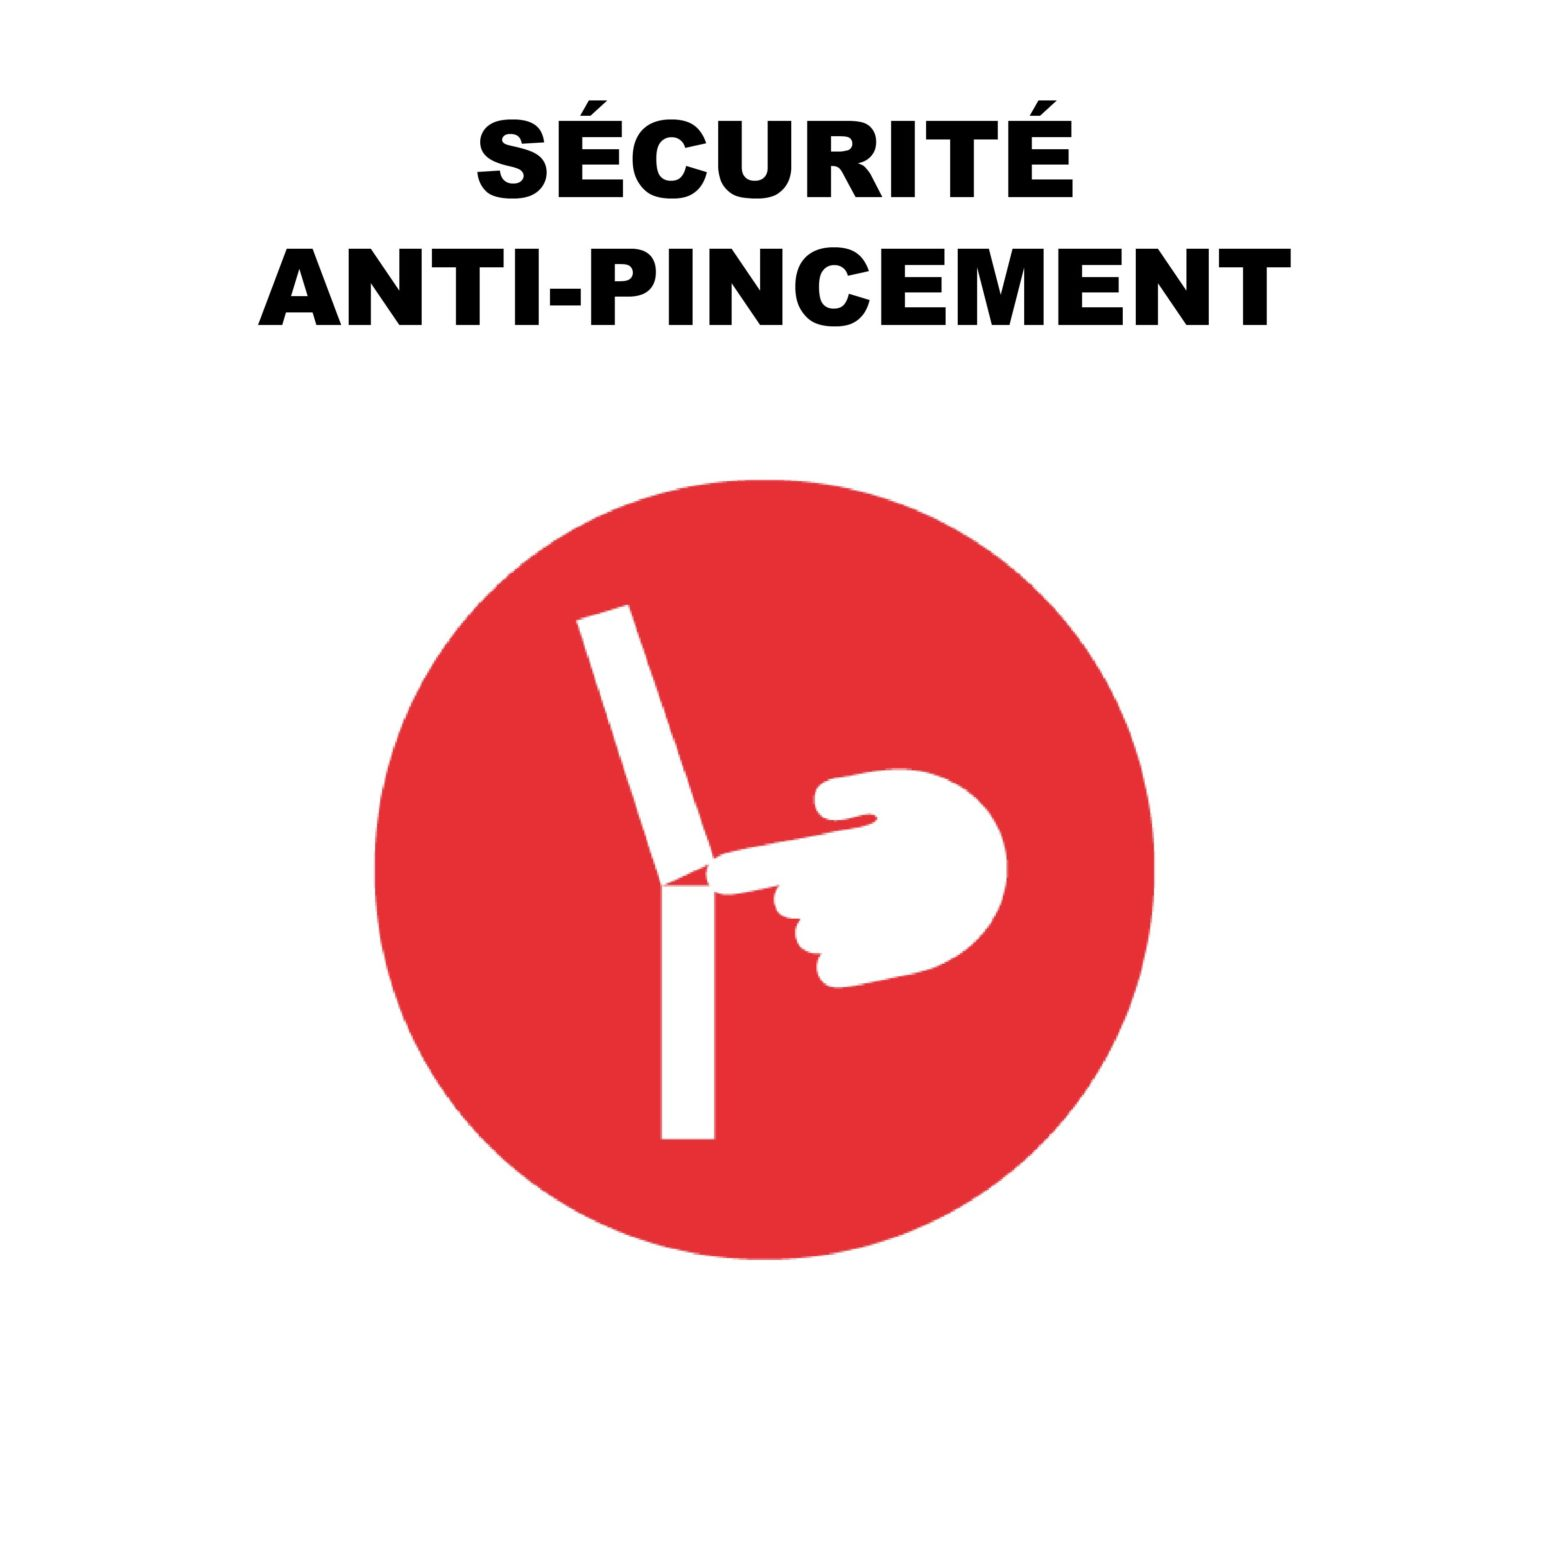 secutire anti pincement